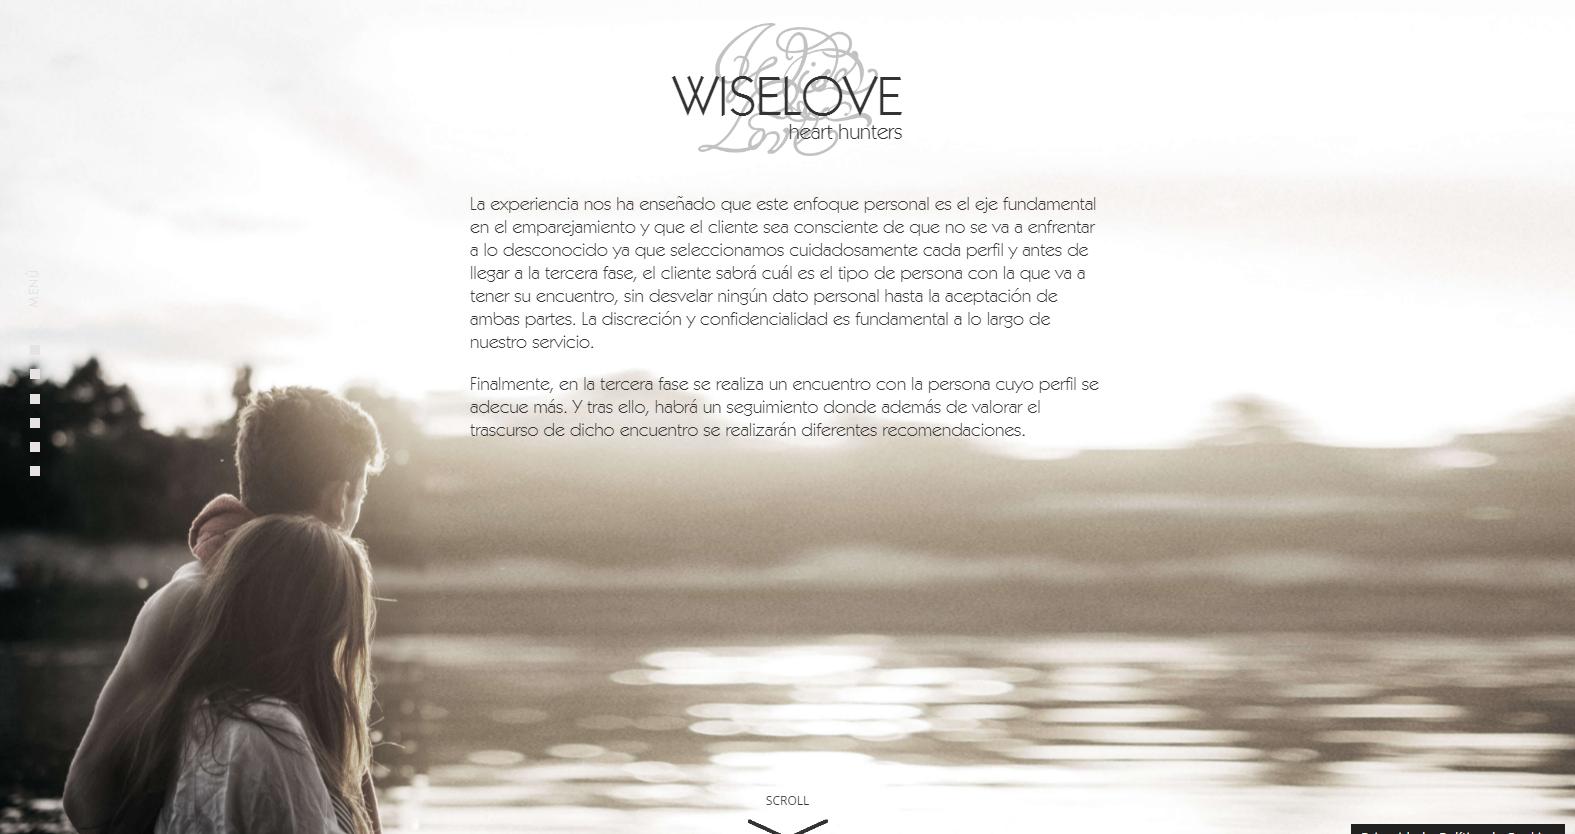 Wiselove